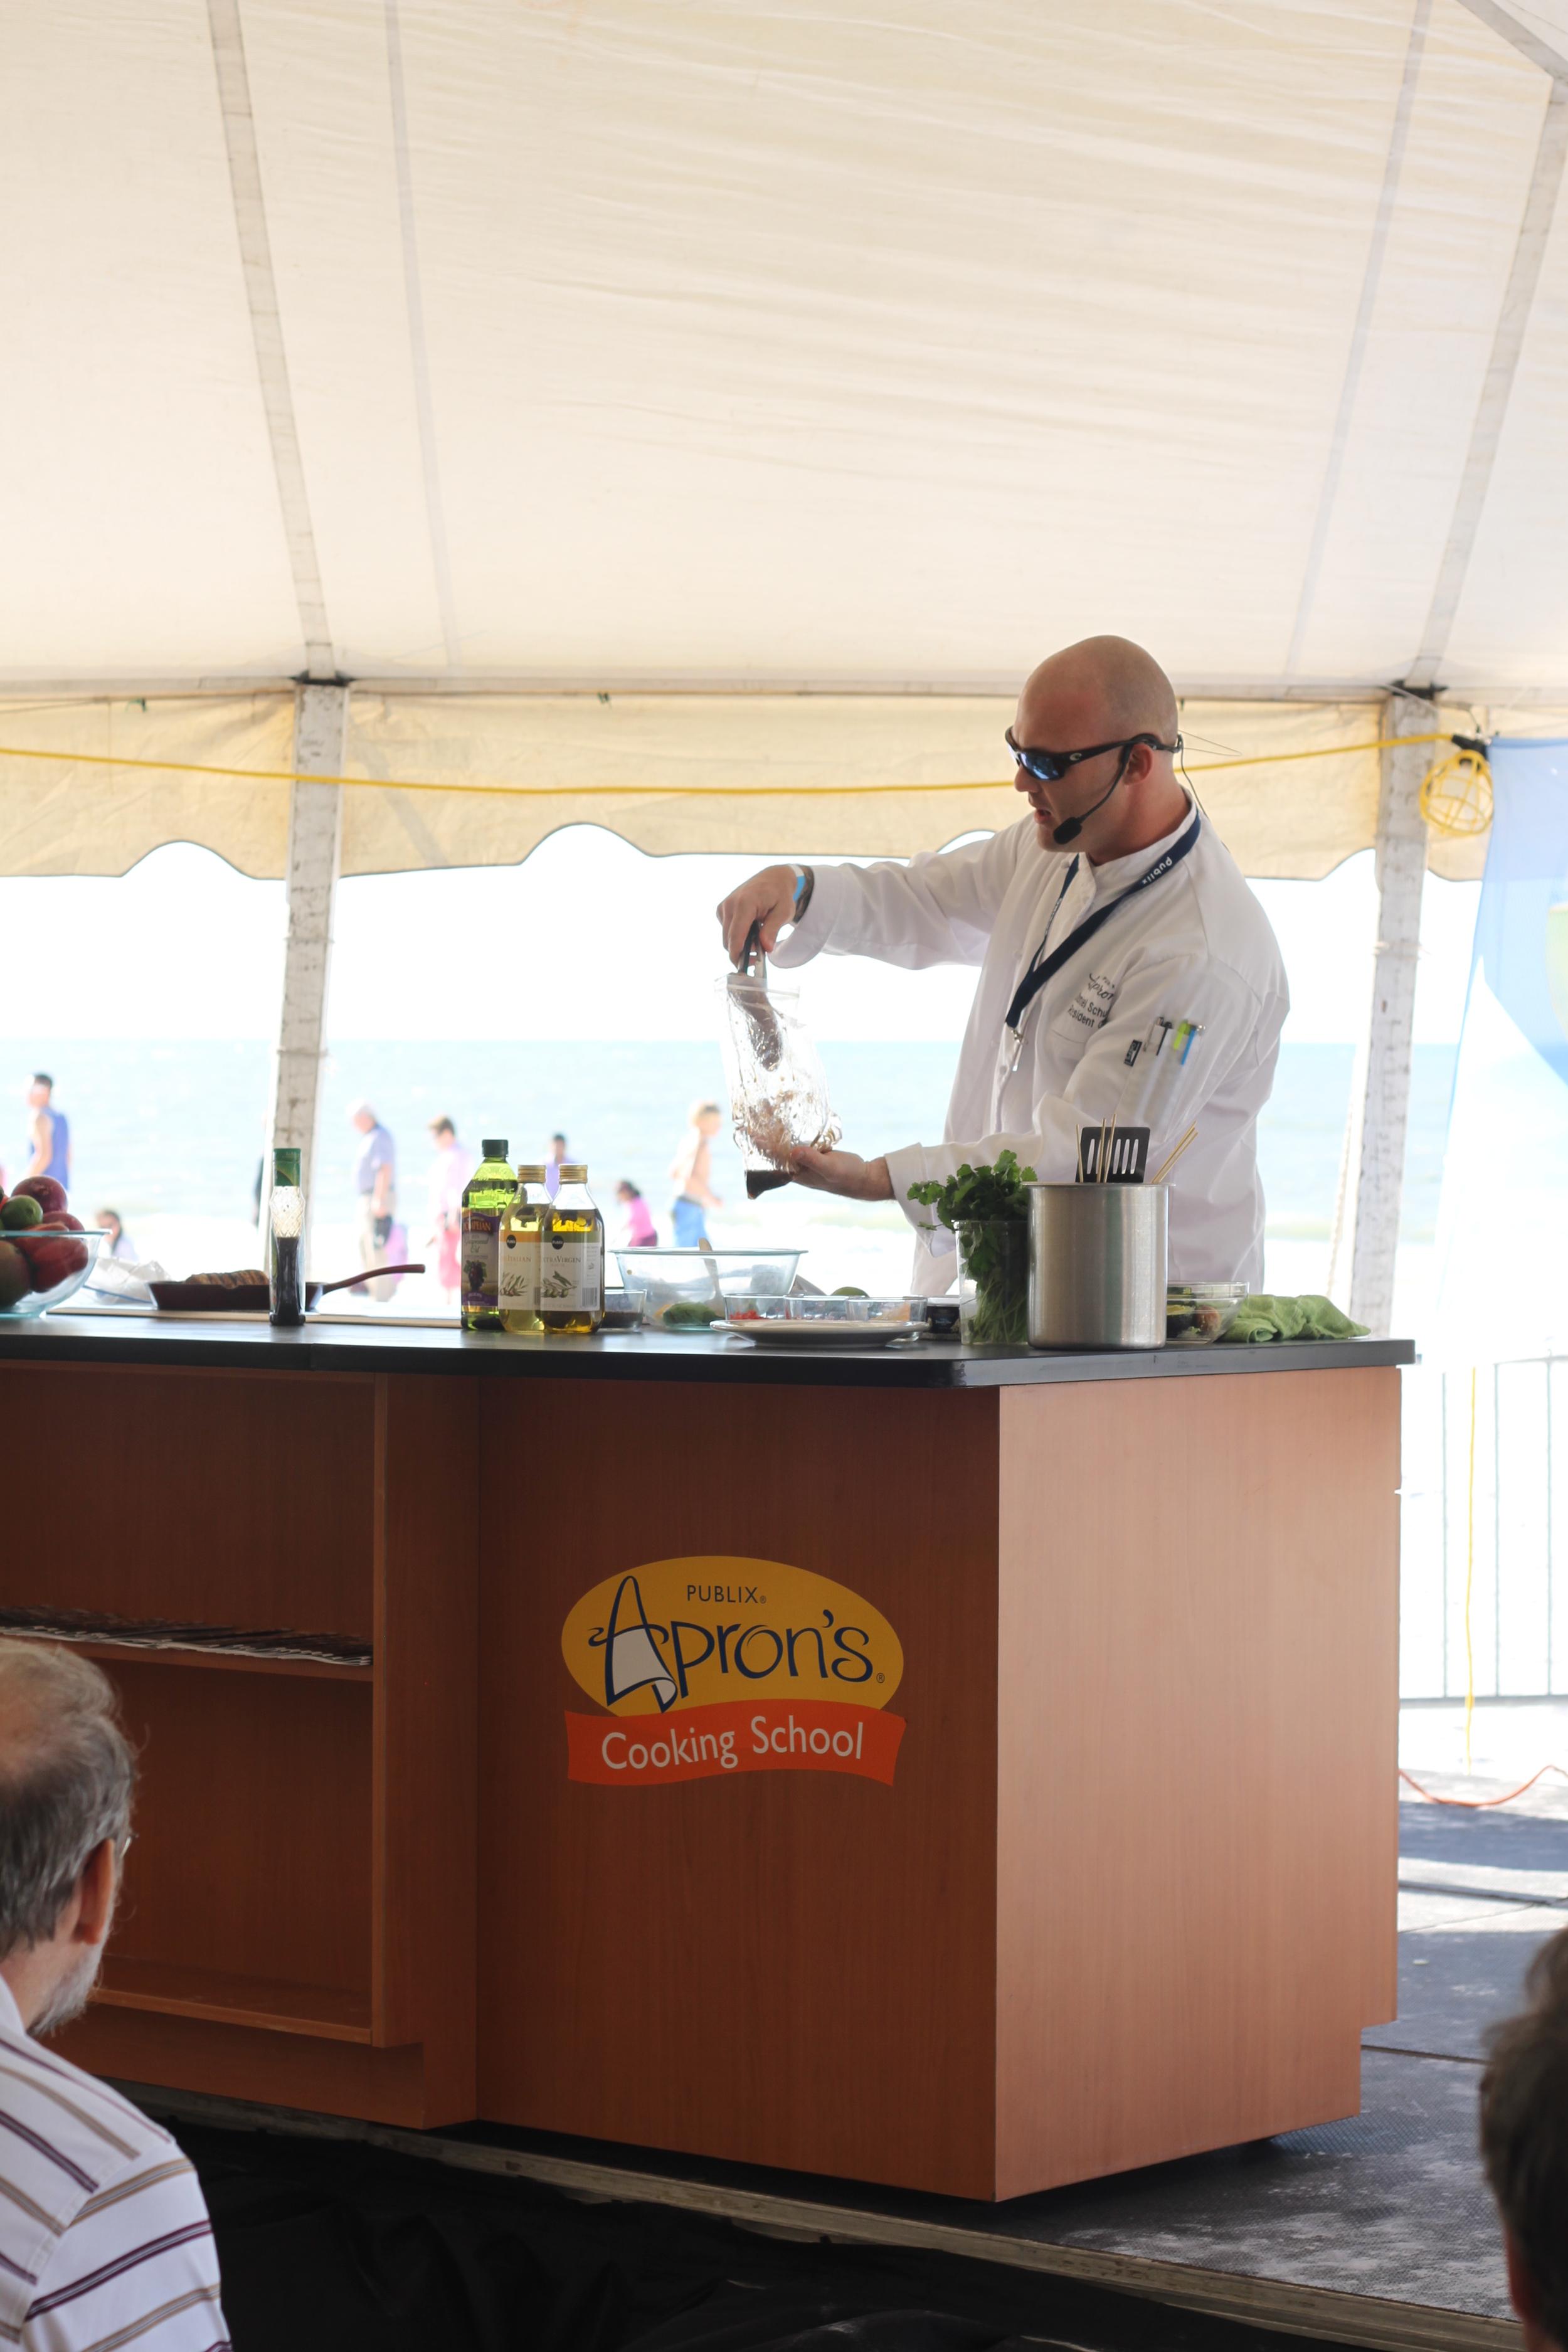 Publix Apron's Live Cooking Demonstrations